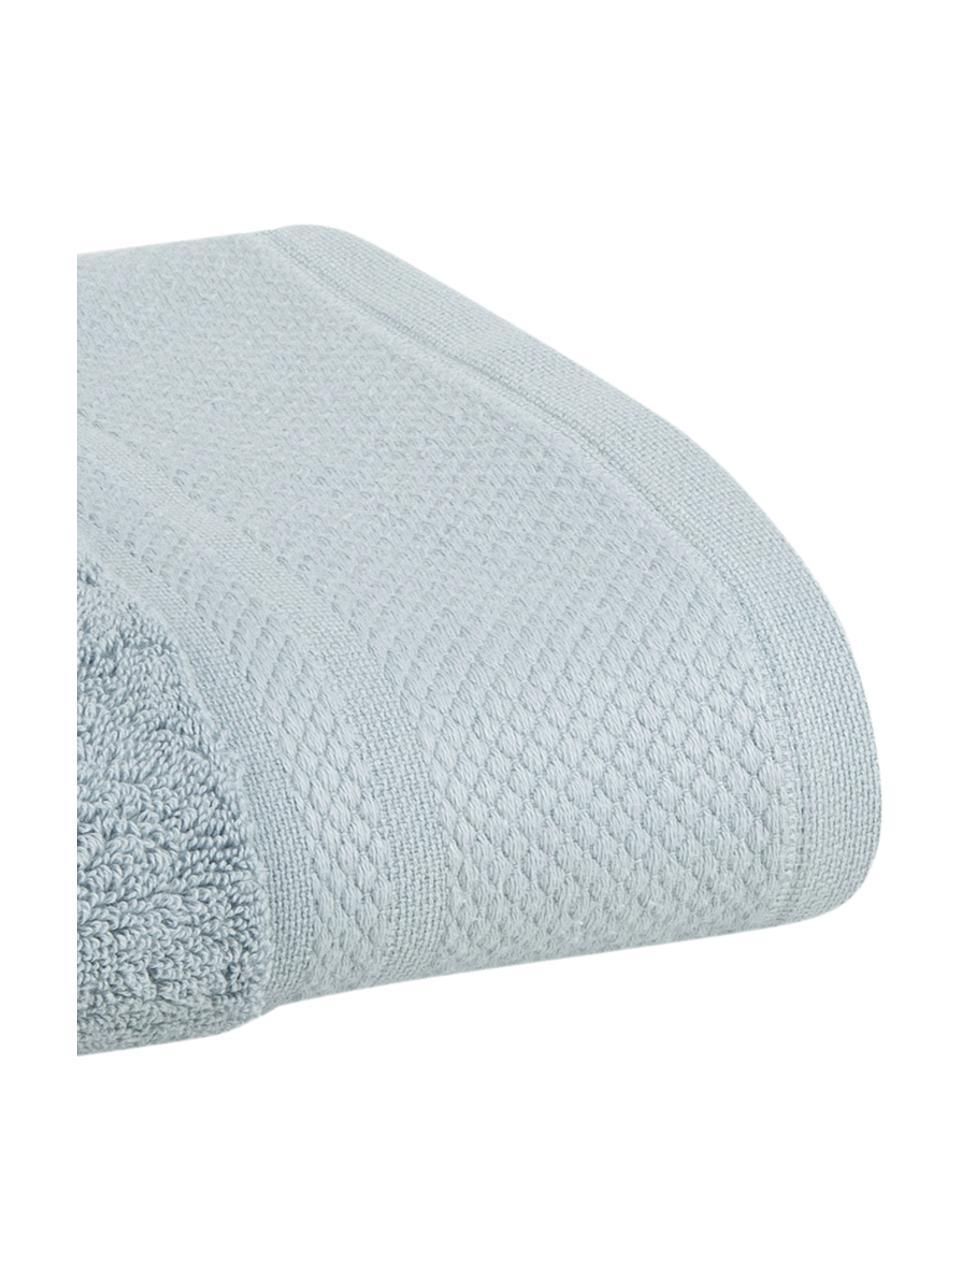 Ręcznik Premium, różne rozmiary, Jasny niebieski, Ręcznik dla gości XS